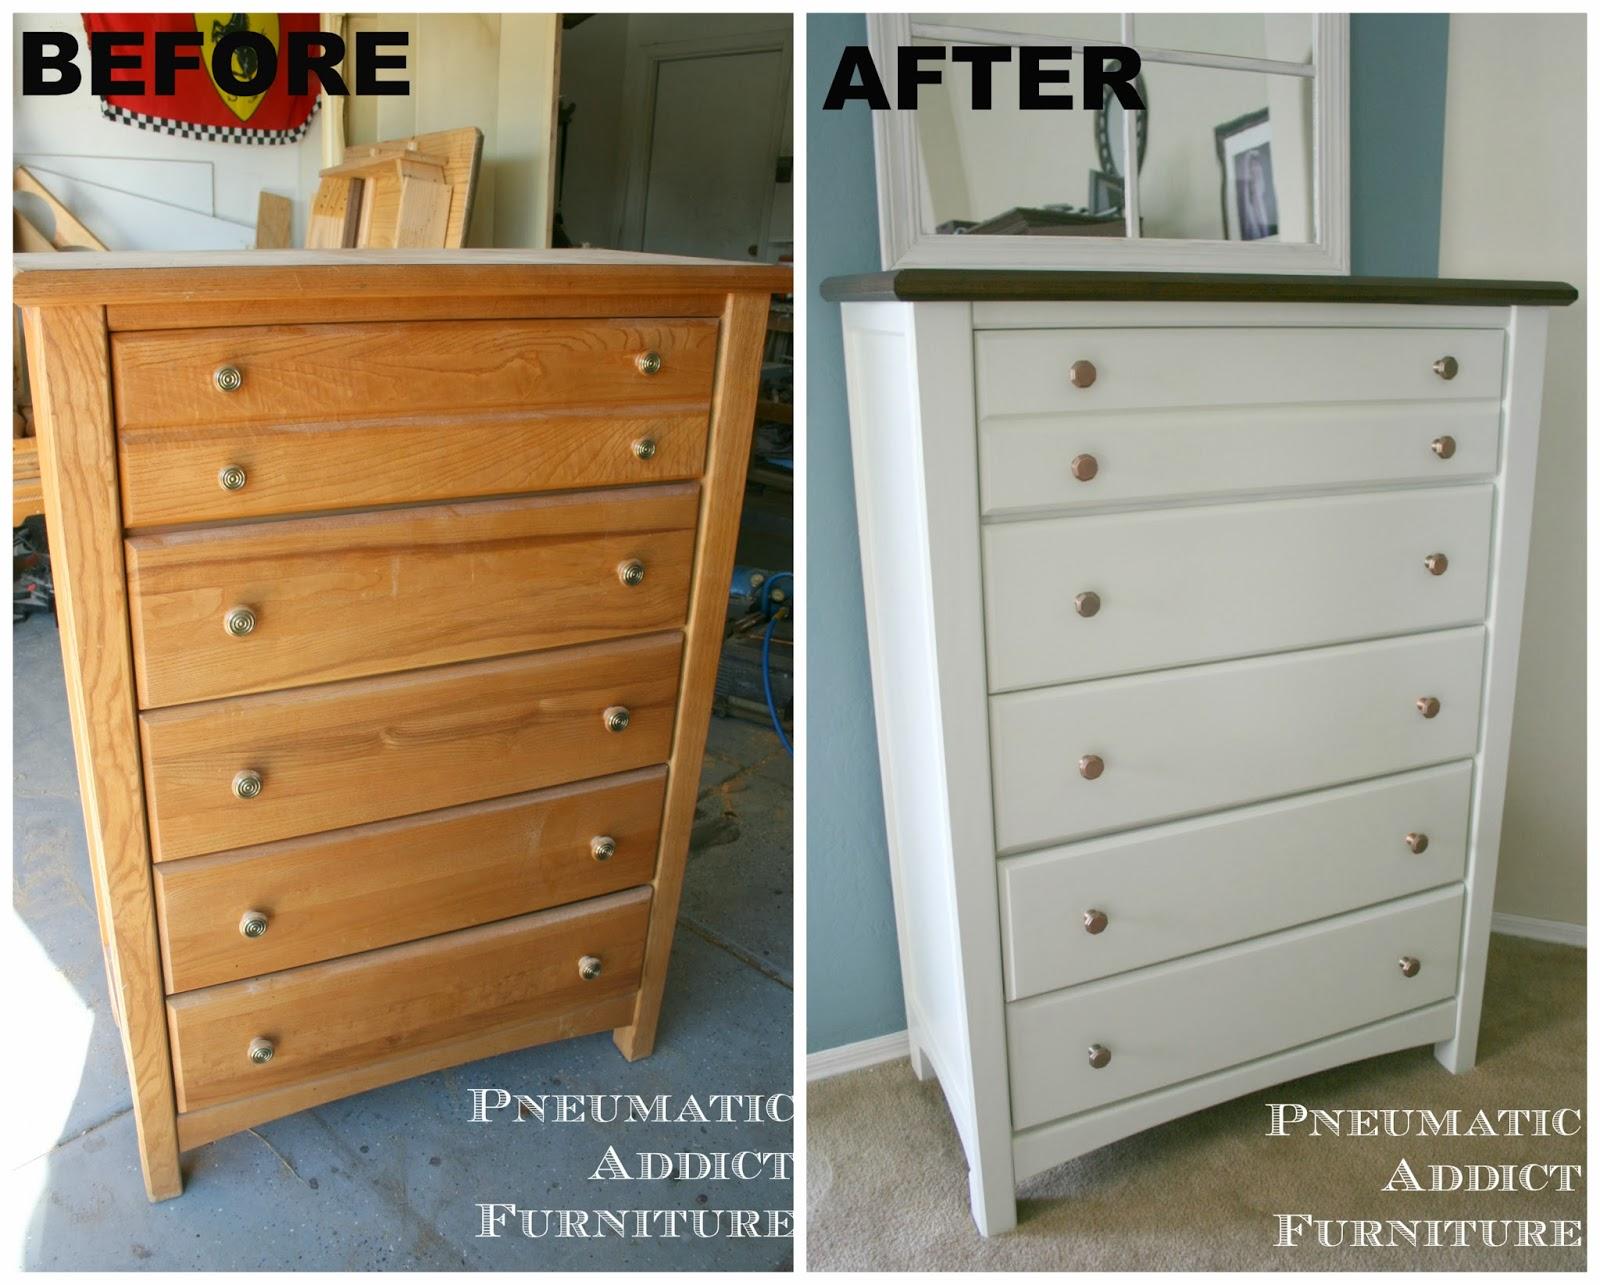 Pneumatic Addict Golden Oak Basset Dresser Make Over